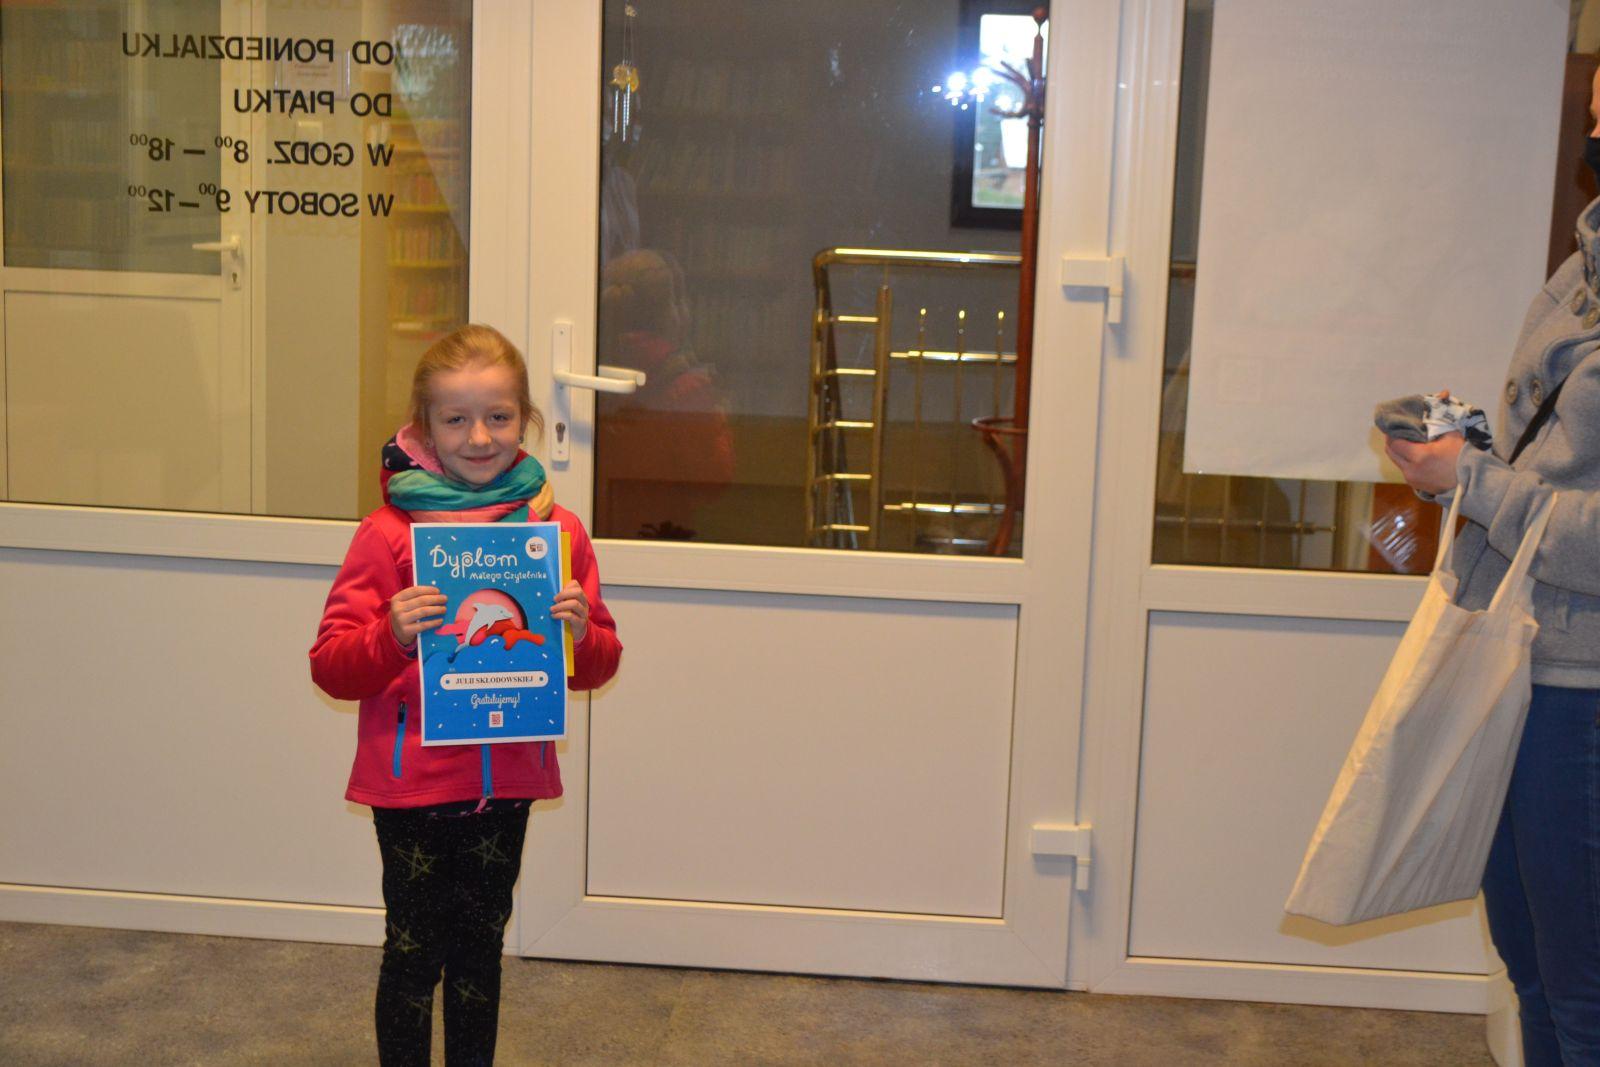 Dziewczynka na tle bibliotecznych drzwi trzymająca w dłoniach dyplom.